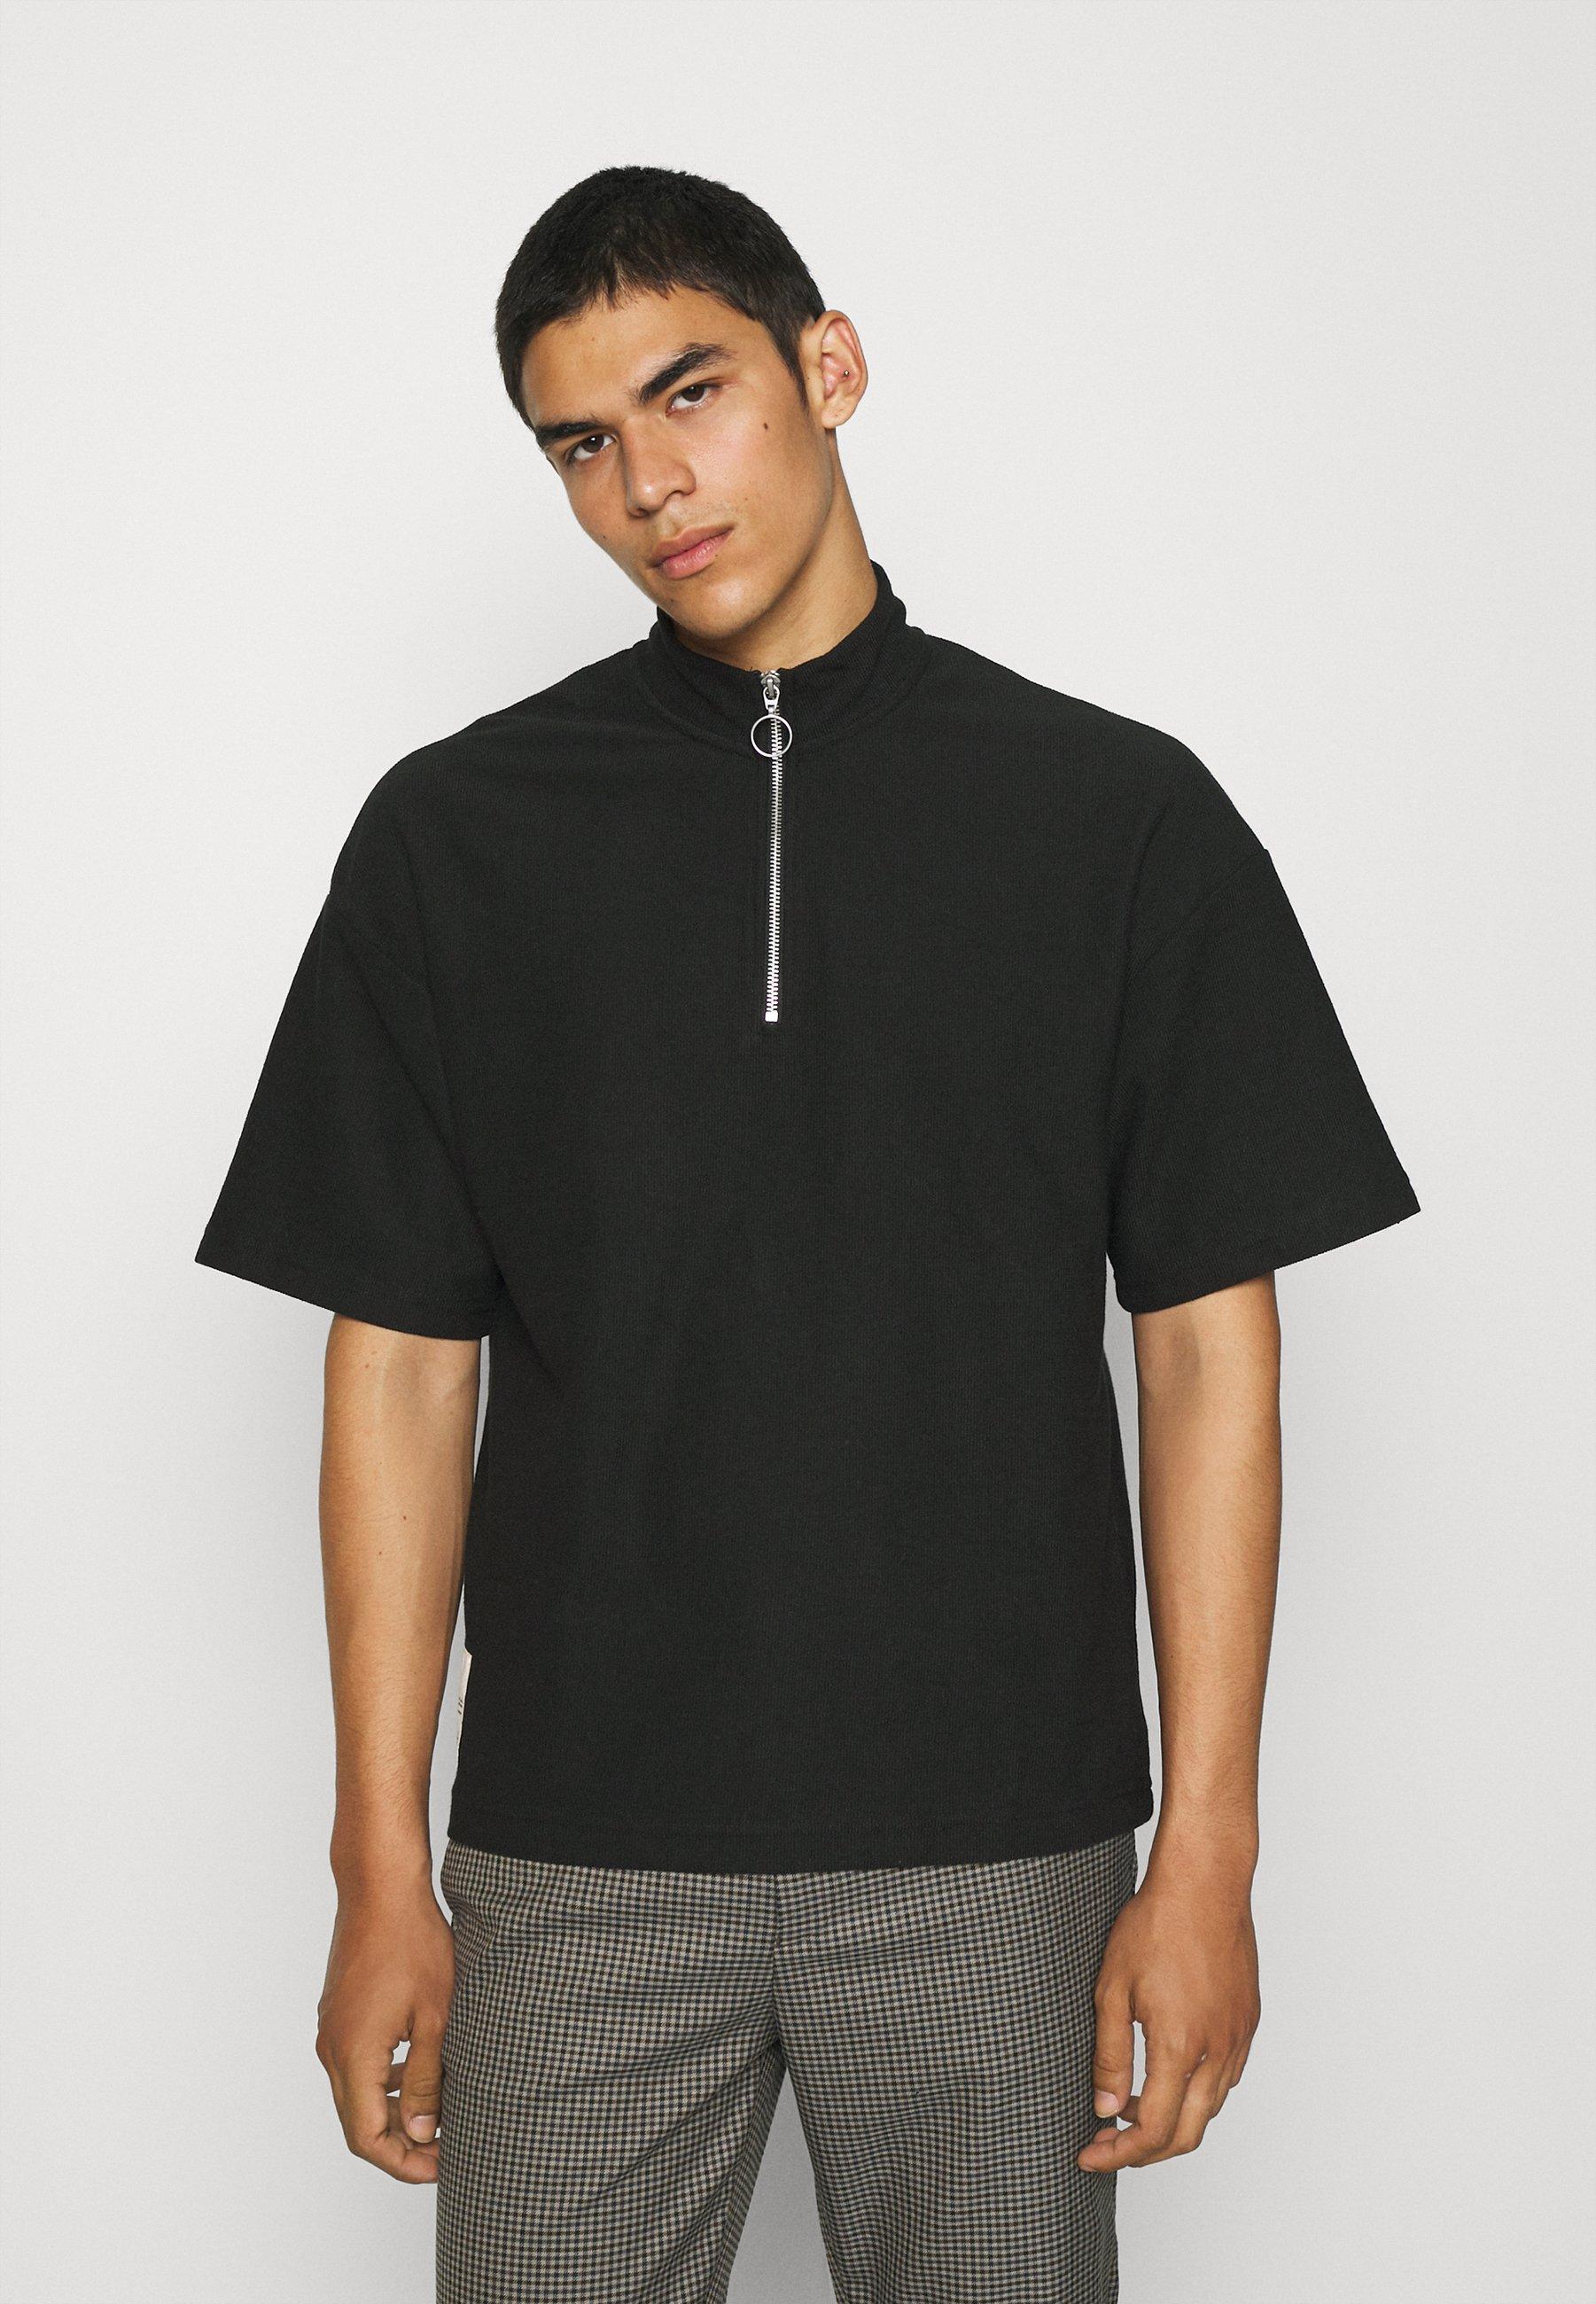 Men JORCASEY QUARTER ZIP HIGH NECK - Print T-shirt